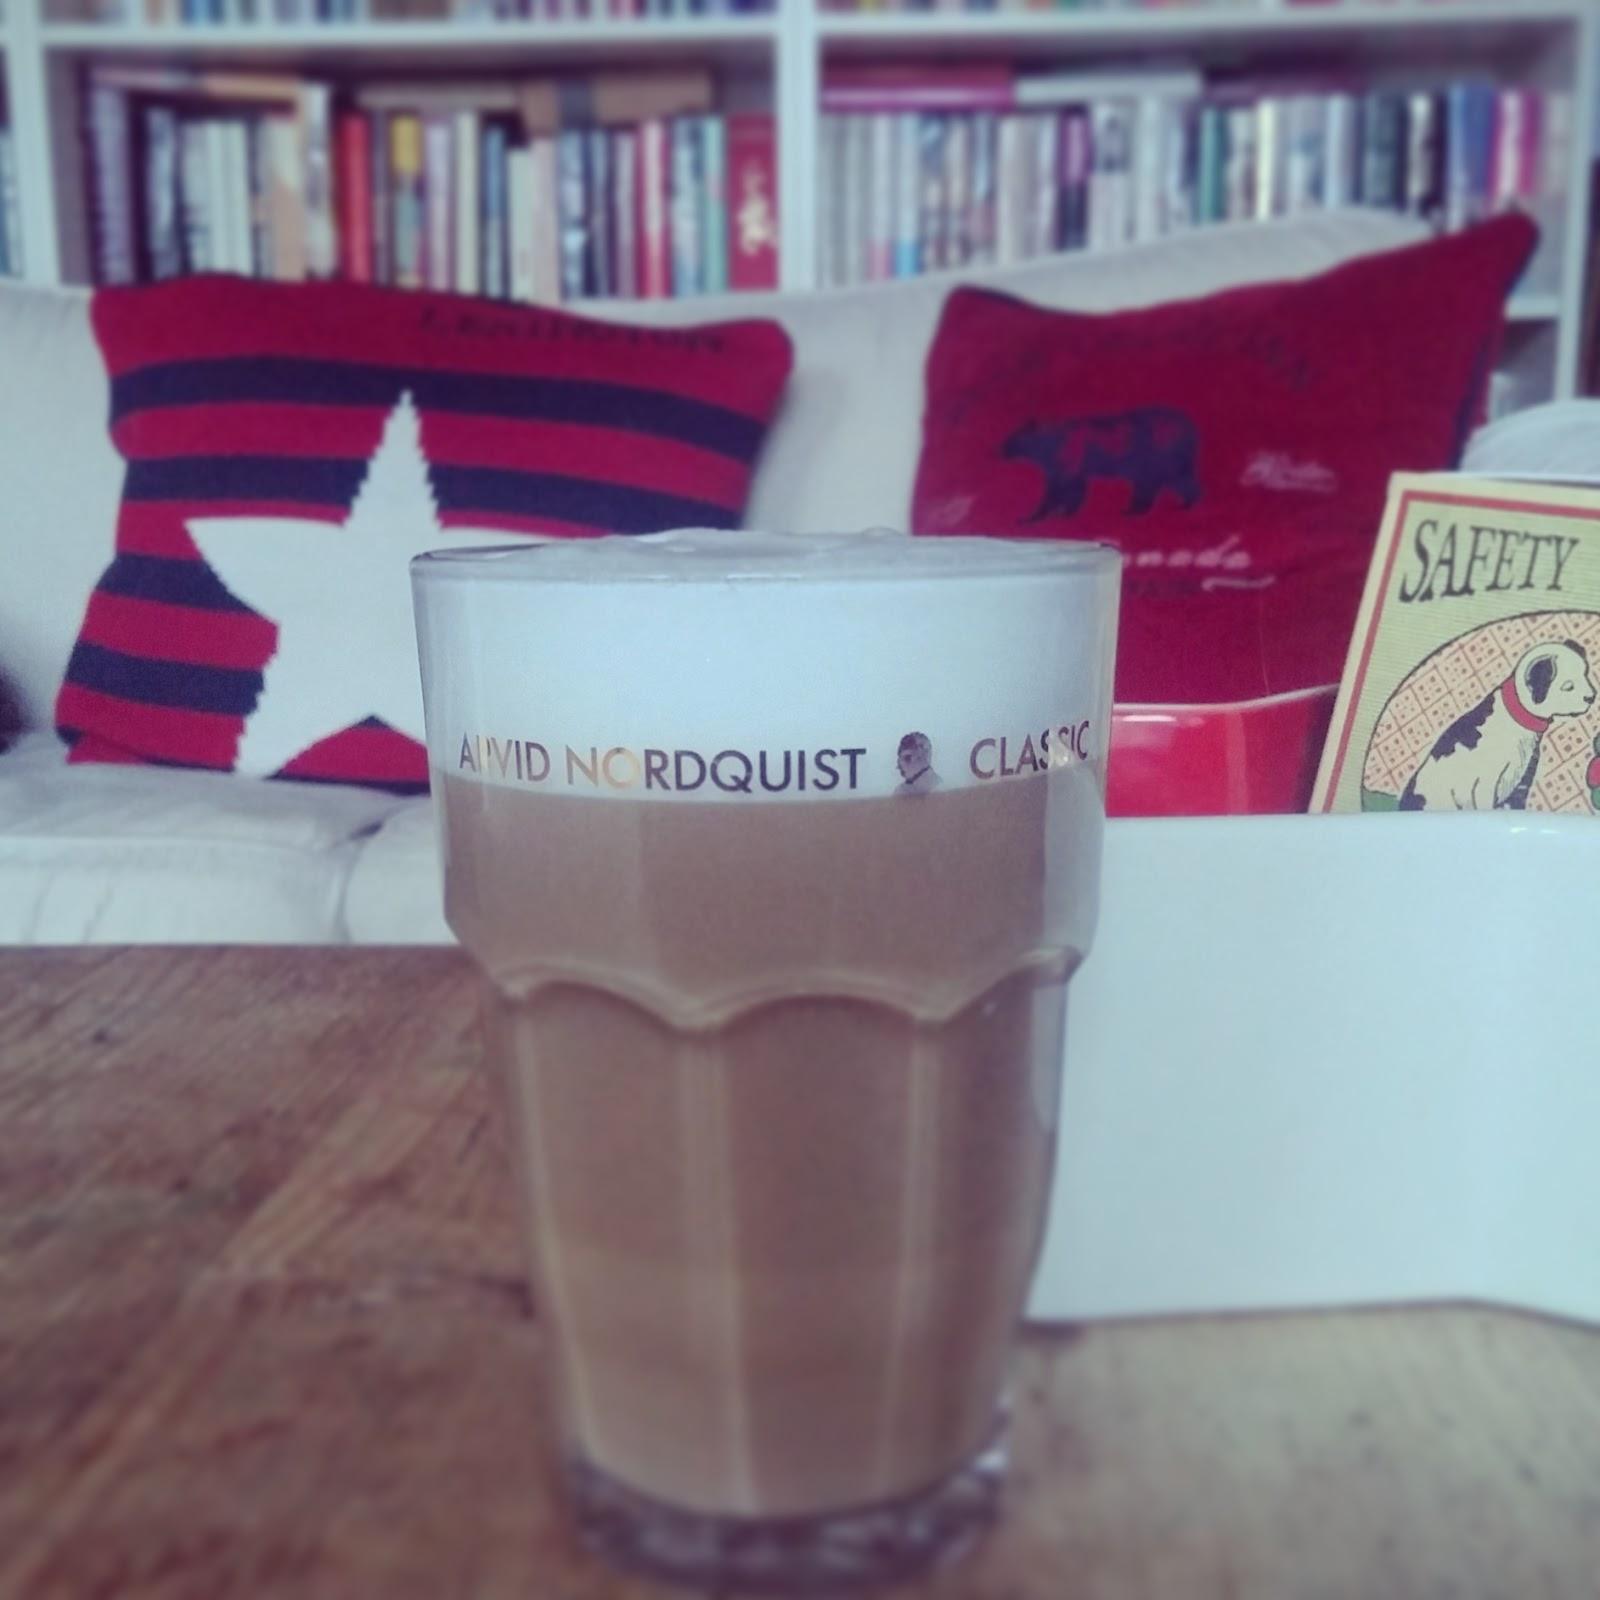 Onnellisia kahvihetkiä Arvid Nordquistin kanssa!